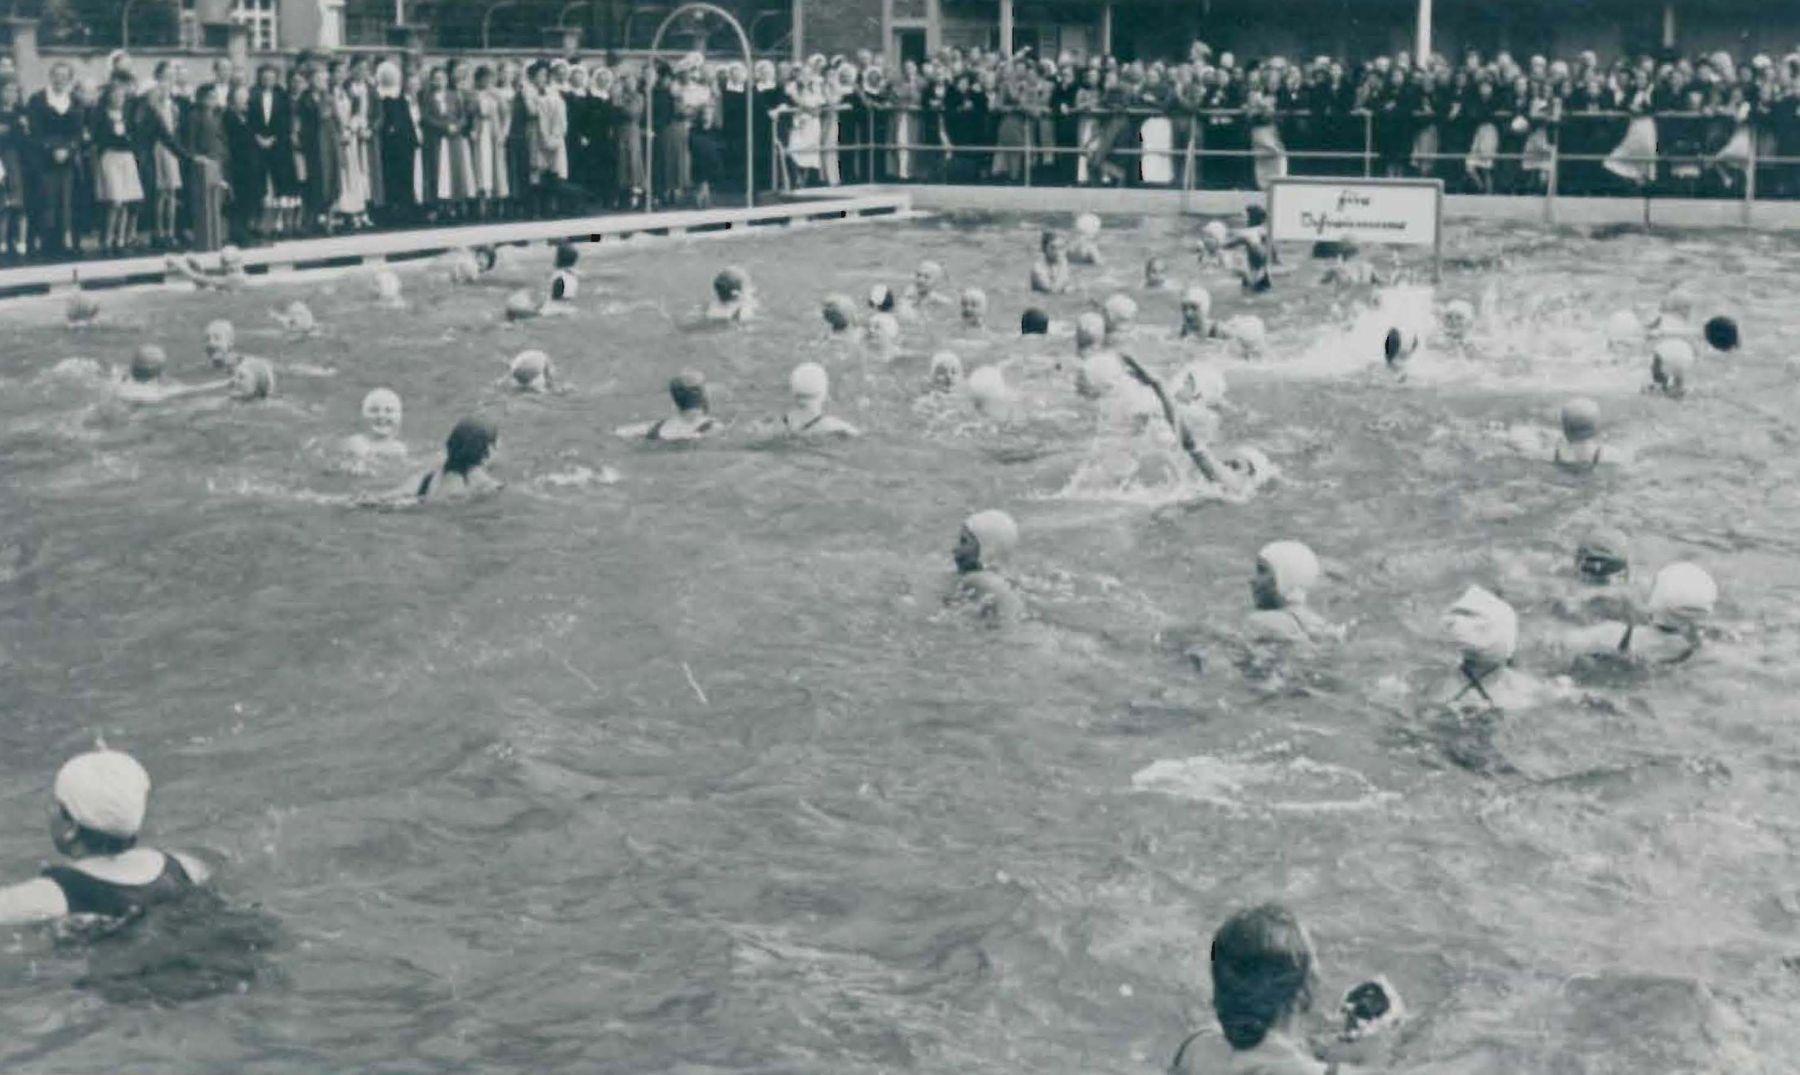 Bei der Eröffnung 1935 war das Bad pickeapackevoll. Heute ist das kaum noch vorstellbar (Foto: Archiv der Diakonie Kaiserswerth)